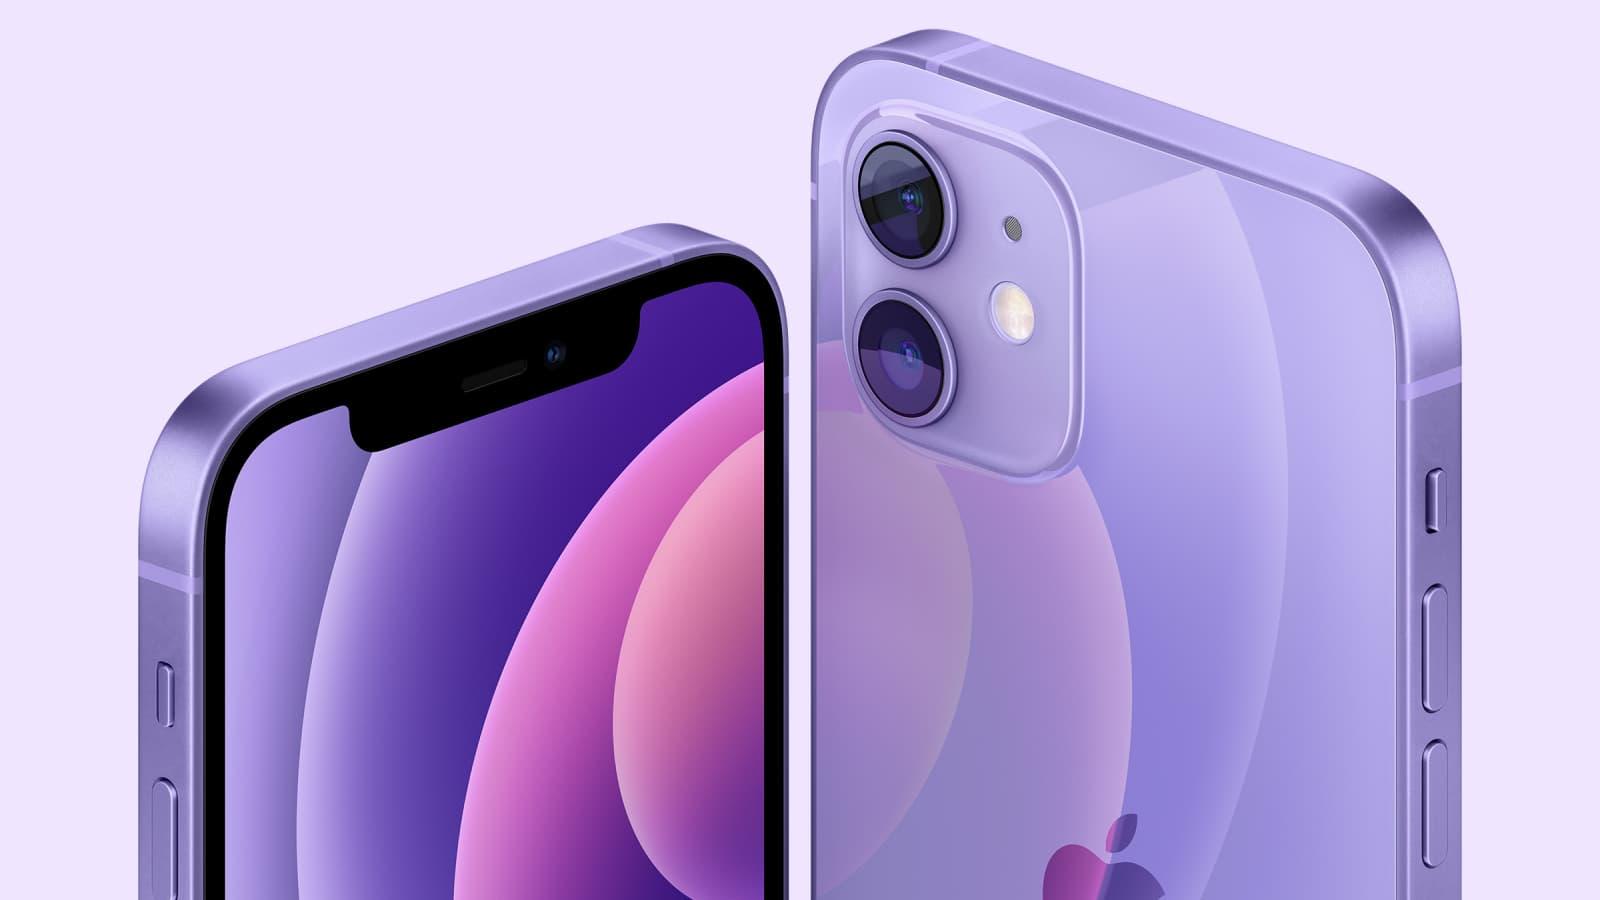 L'iPhone 12, version mauve, bientôt chez SFR